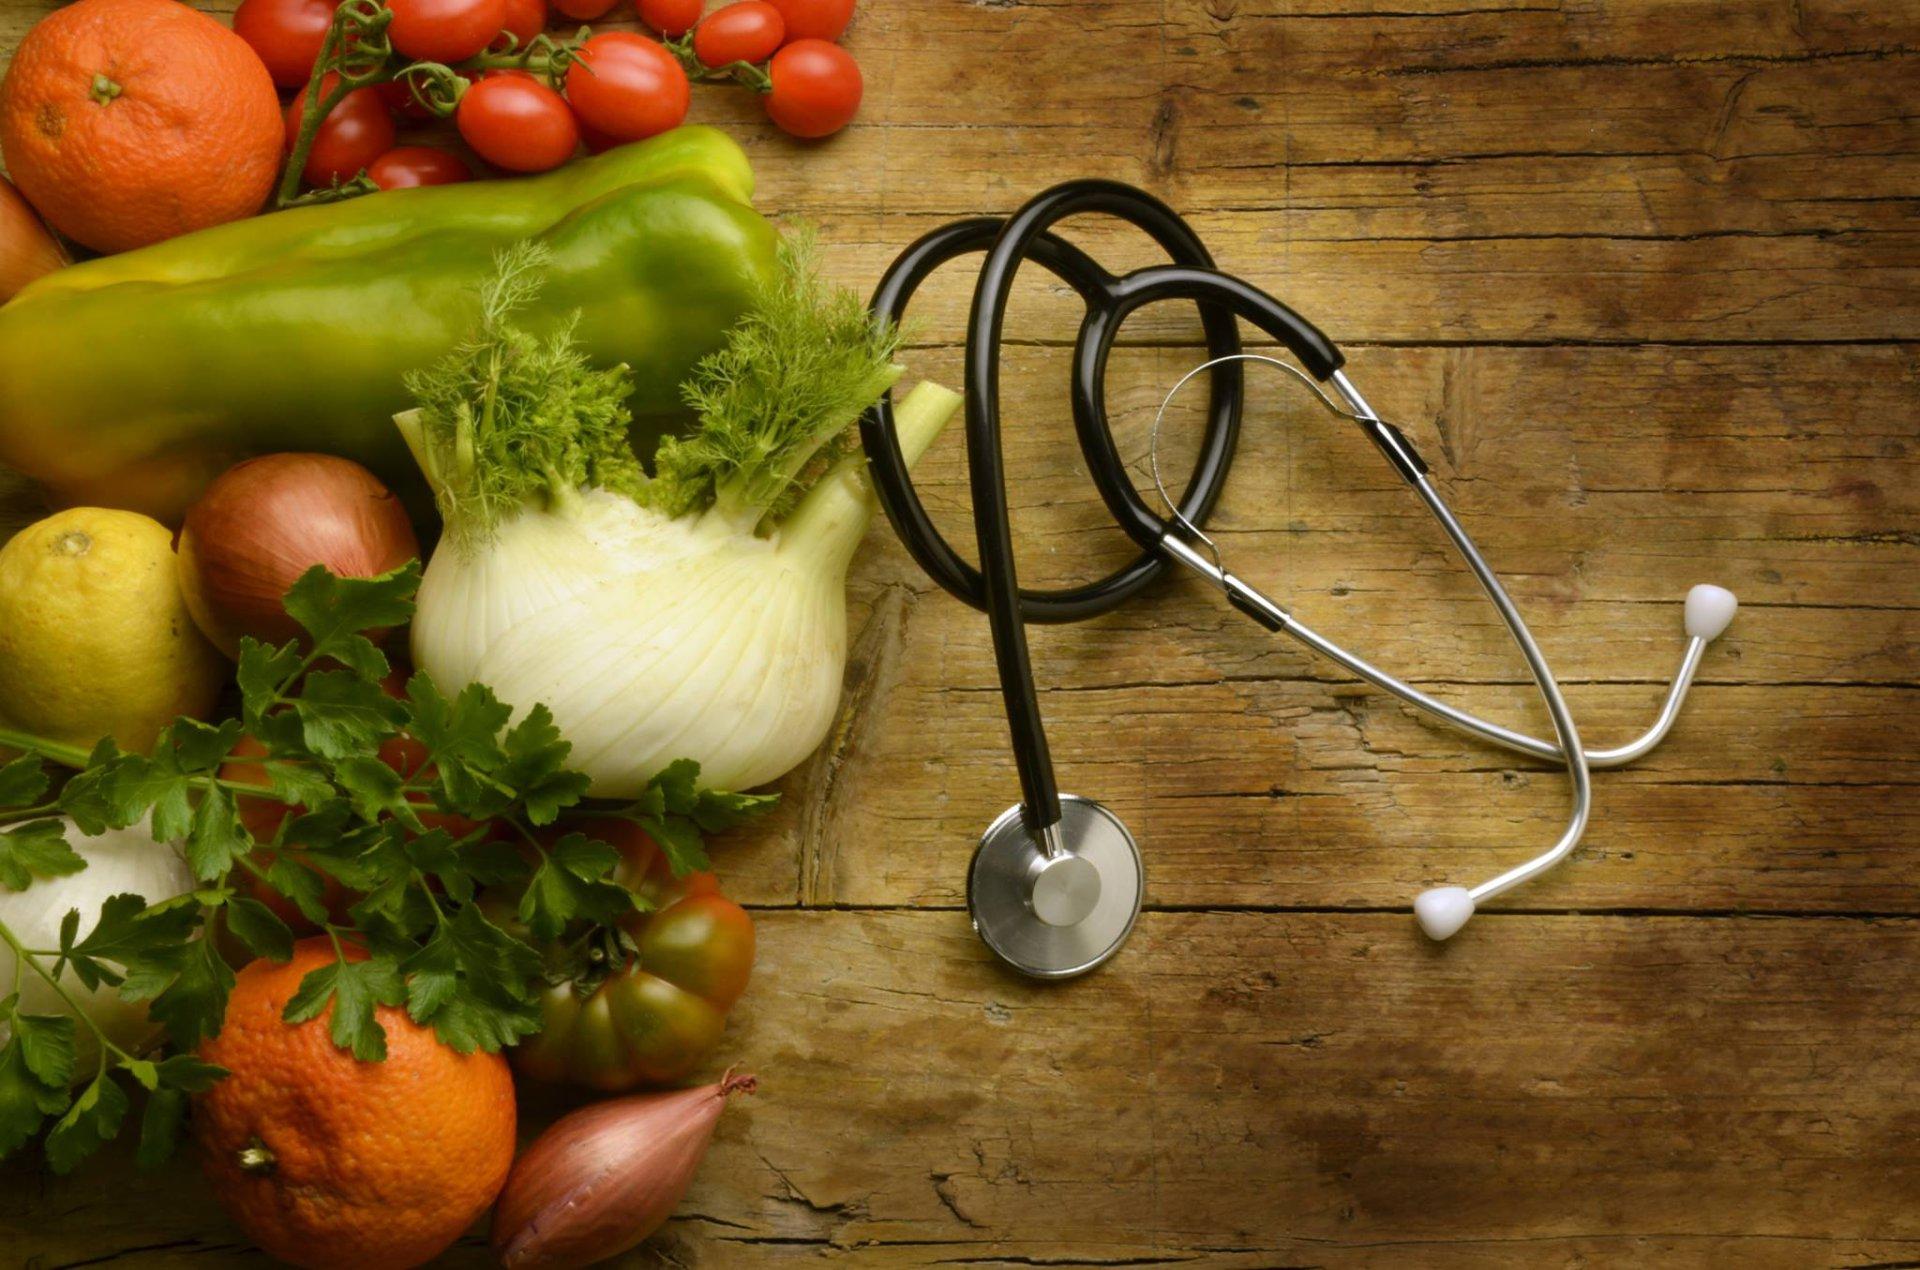 Alio Jonava - Padidėjęs kraujo spaudimas – ką kiekvienam svarbu žinoti? | Alio Jonava